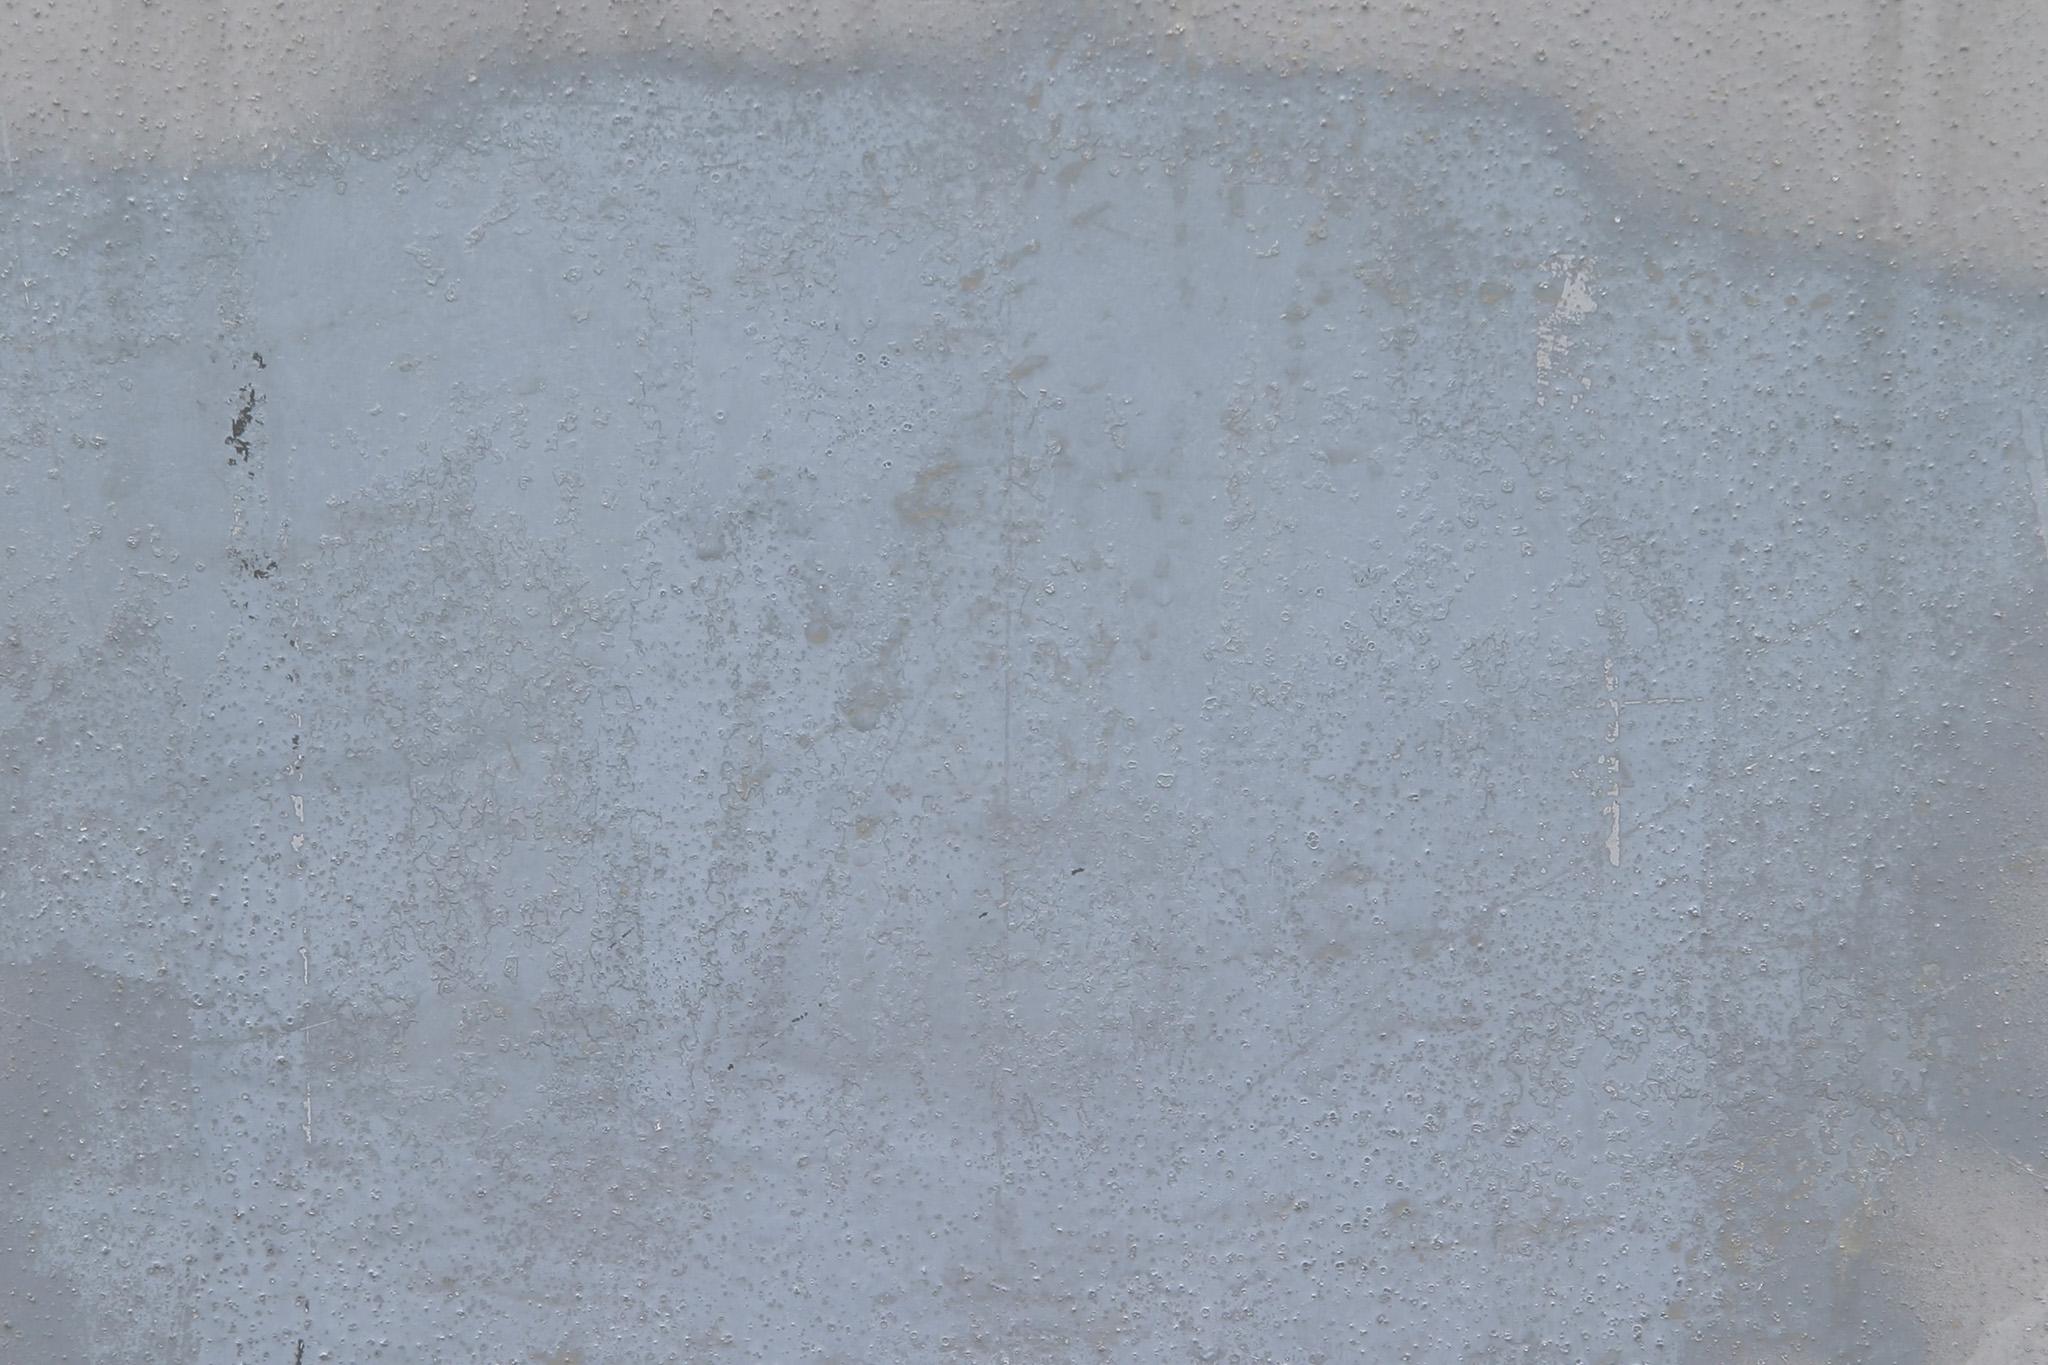 「水で腐敗しかけた金属」の画像を無料ダウンロード